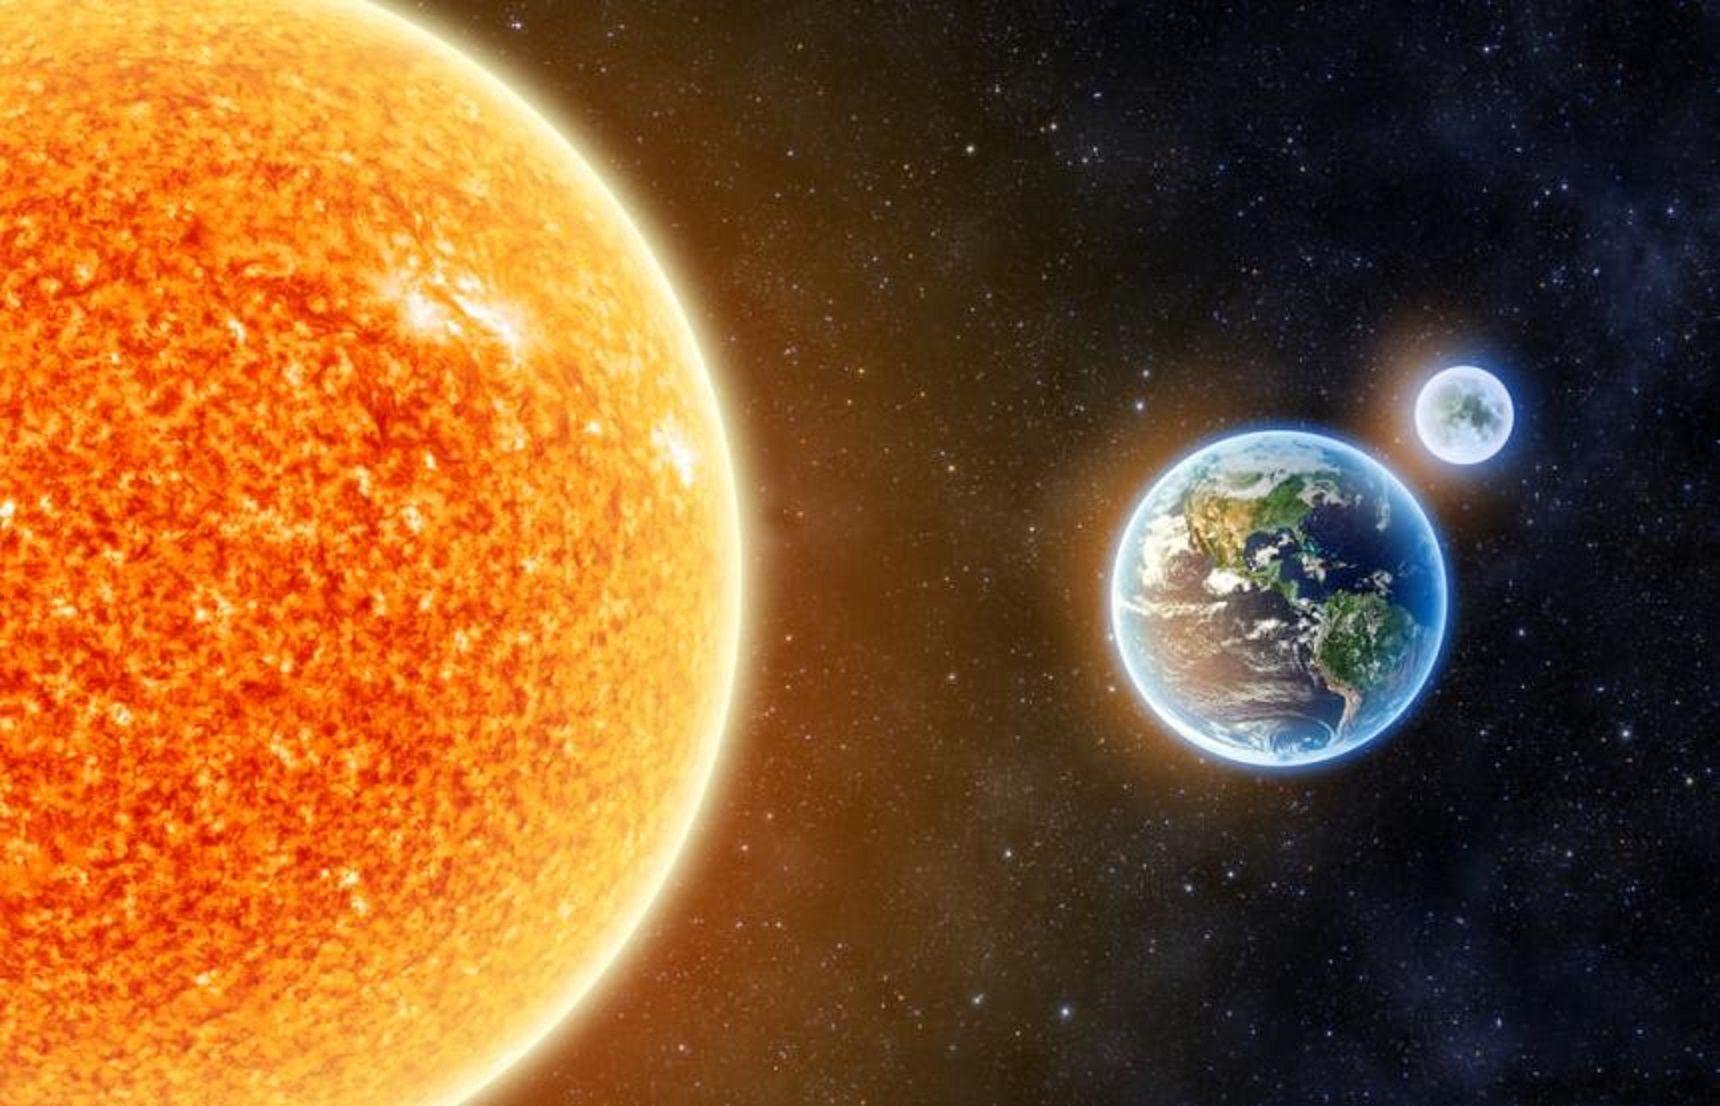 Llega el verano y se concentra la energía planetaria: cómo nos afectará según la astrología